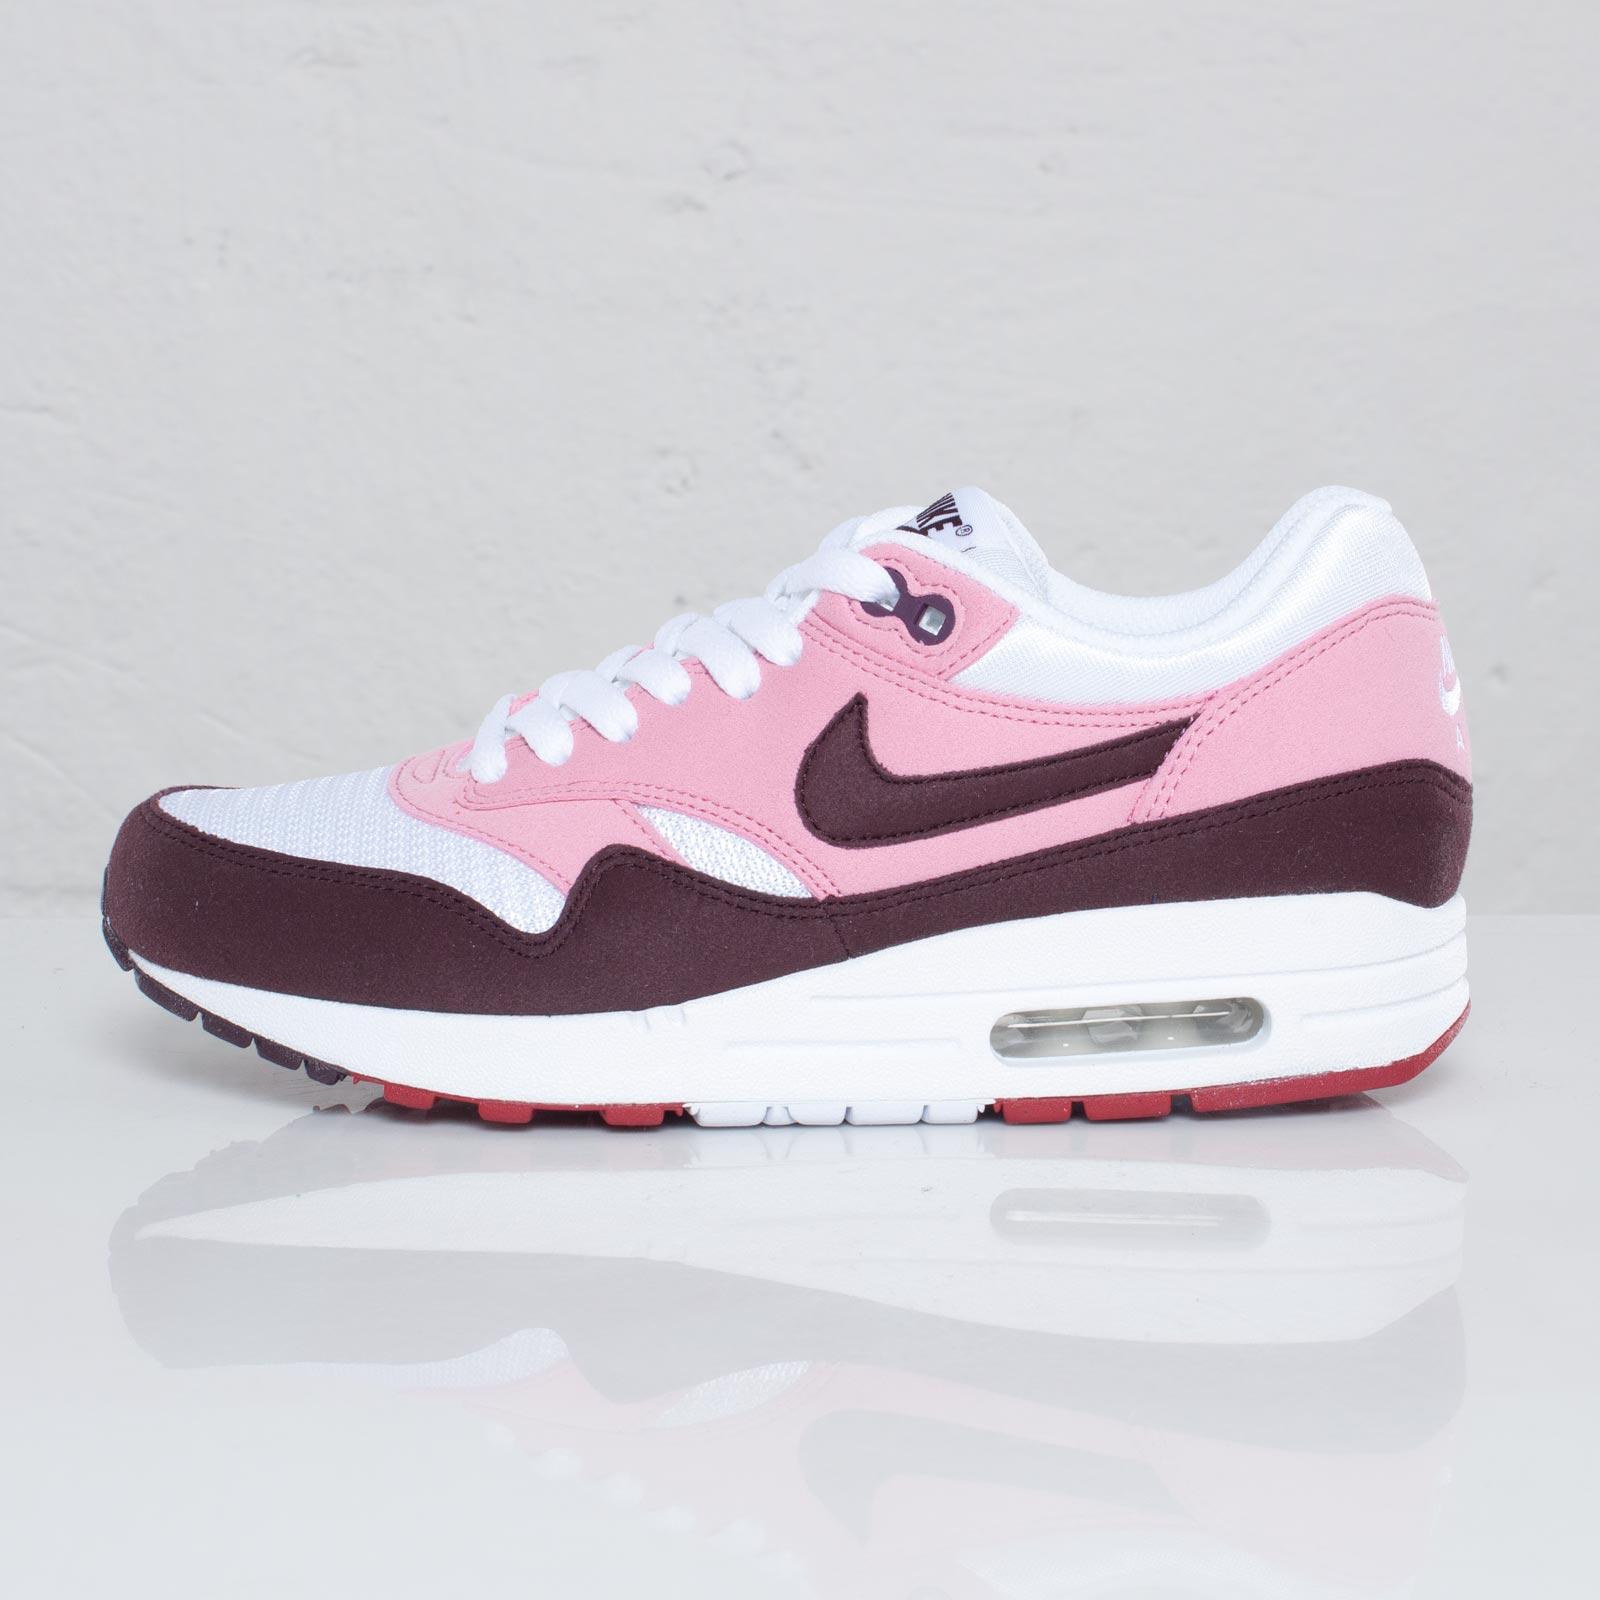 Nike Wmns Air Max 1 109380 Sneakersnstuff | sneakers